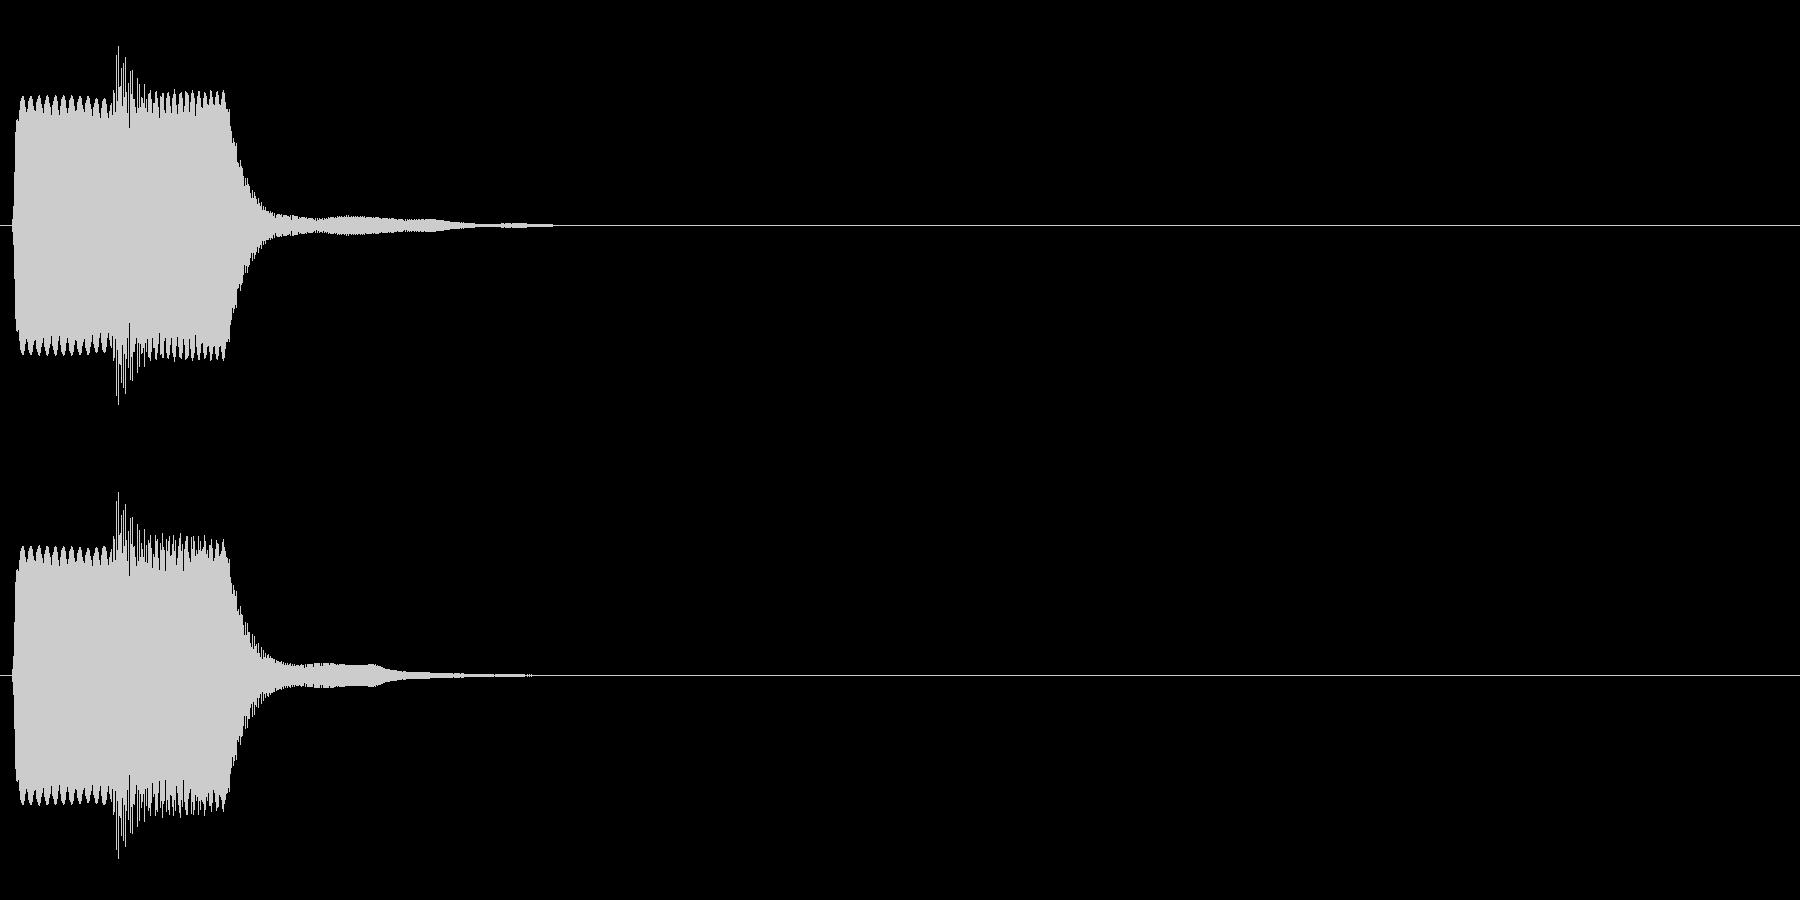 ピコン_鋸波(終了,停止,通知)_04の未再生の波形